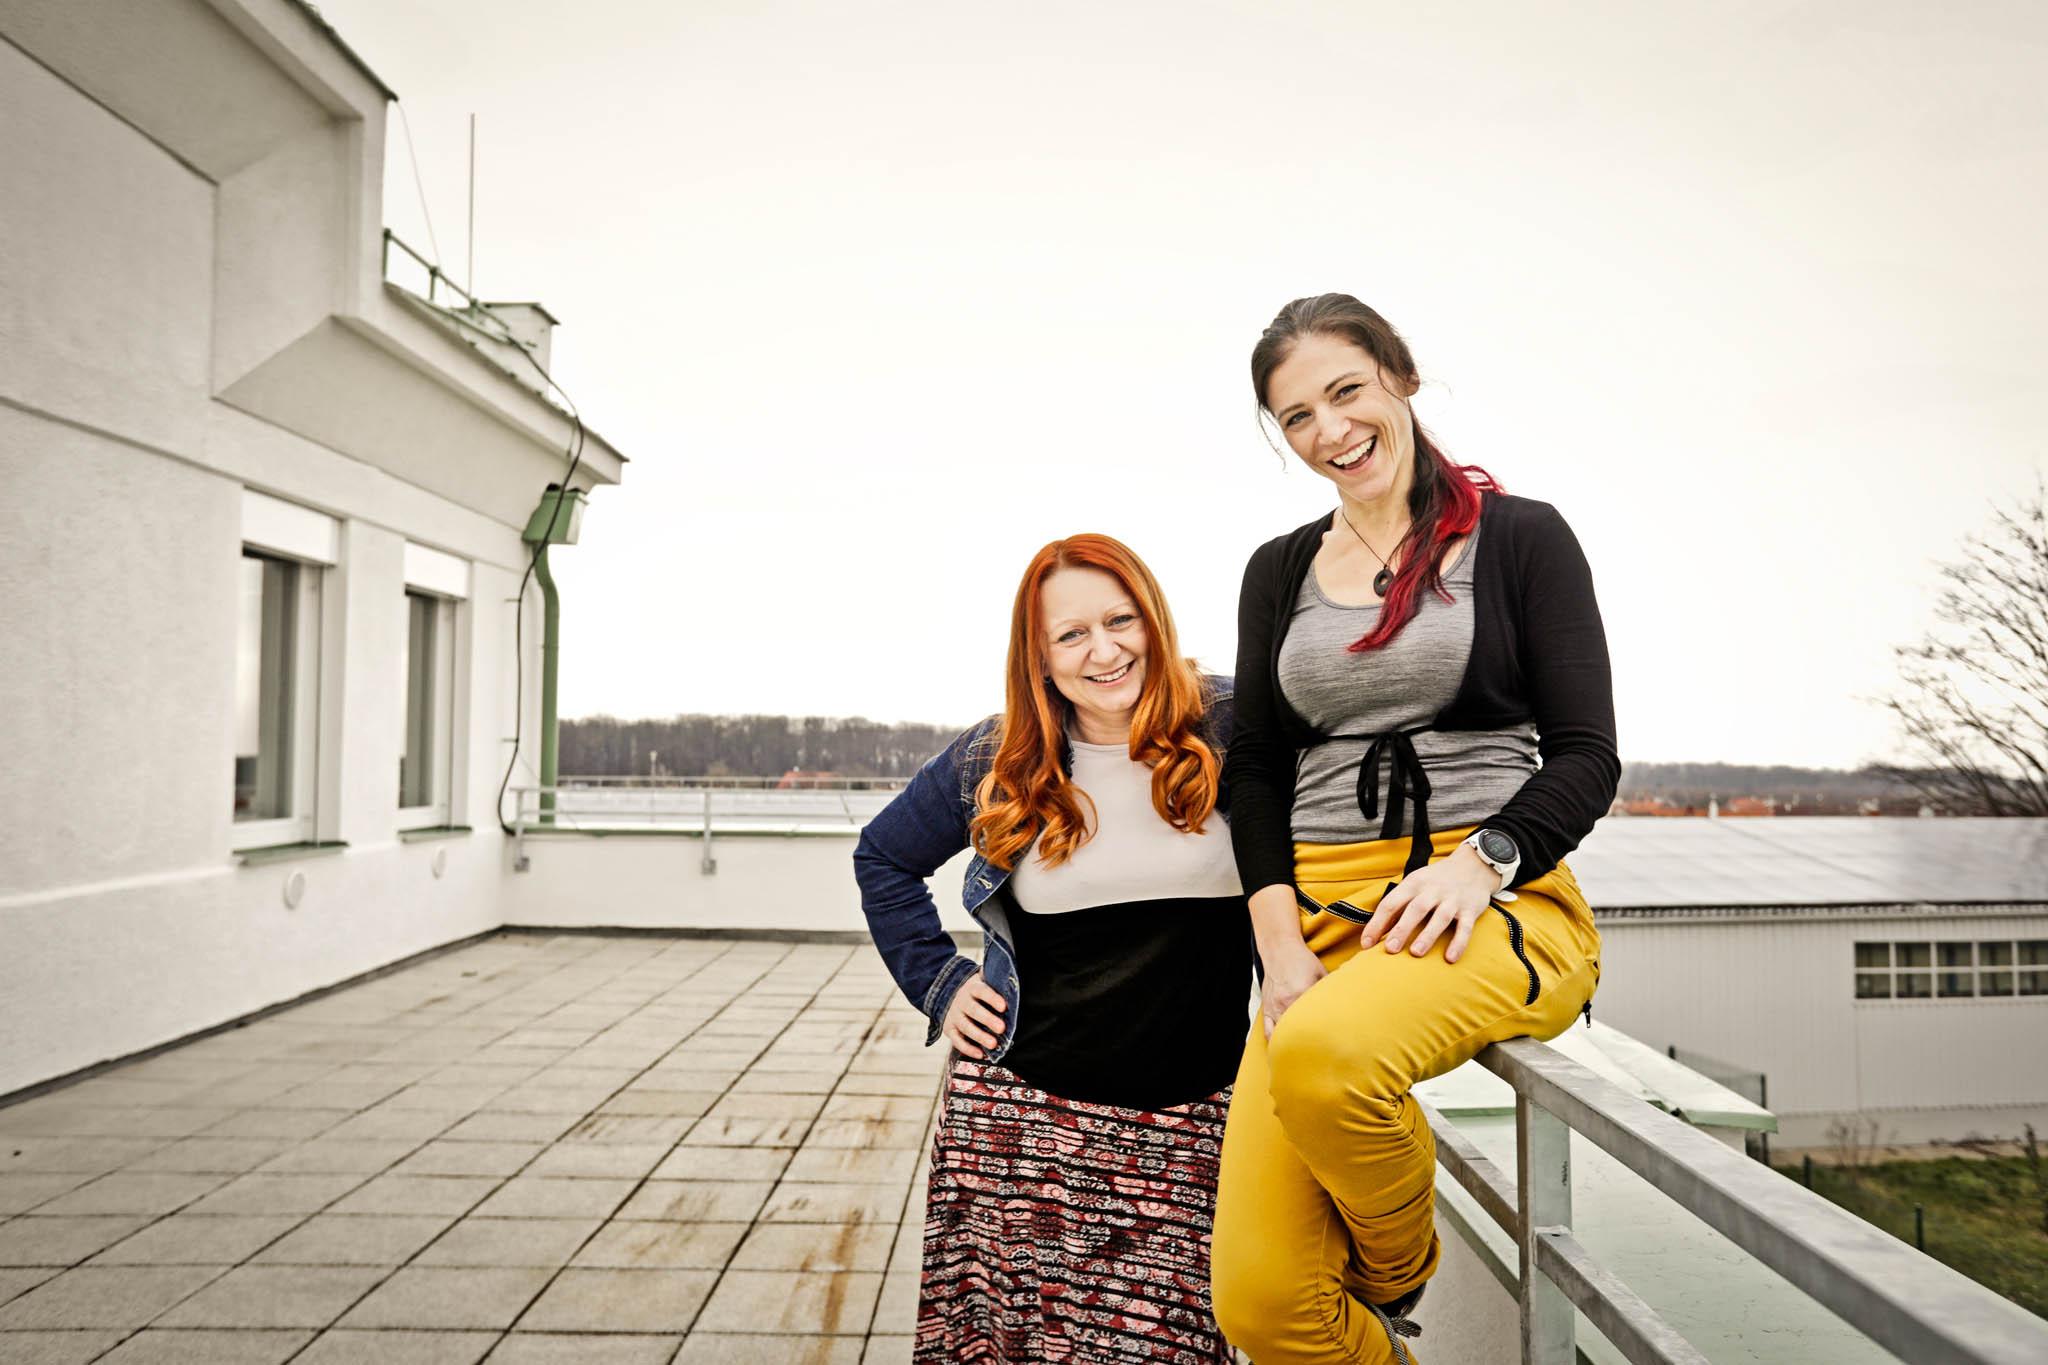 Se založením školy Markétě Fibigerové (vpravo) pomáhala i její kamarádka Markéta Tuhá. Fibigerová je dnes ředitelkou 1. IT Gymnázia a Tuhá její zástupkyní.